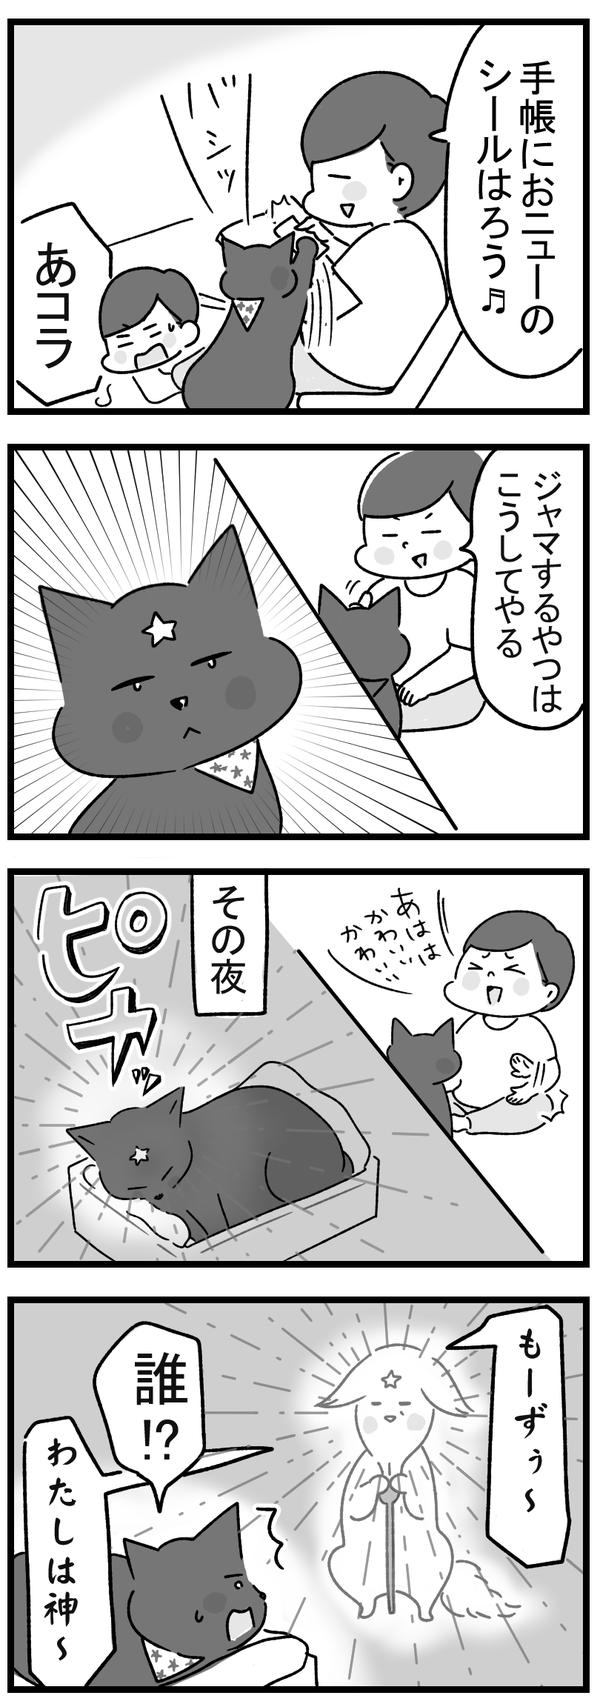 ネコを超える1